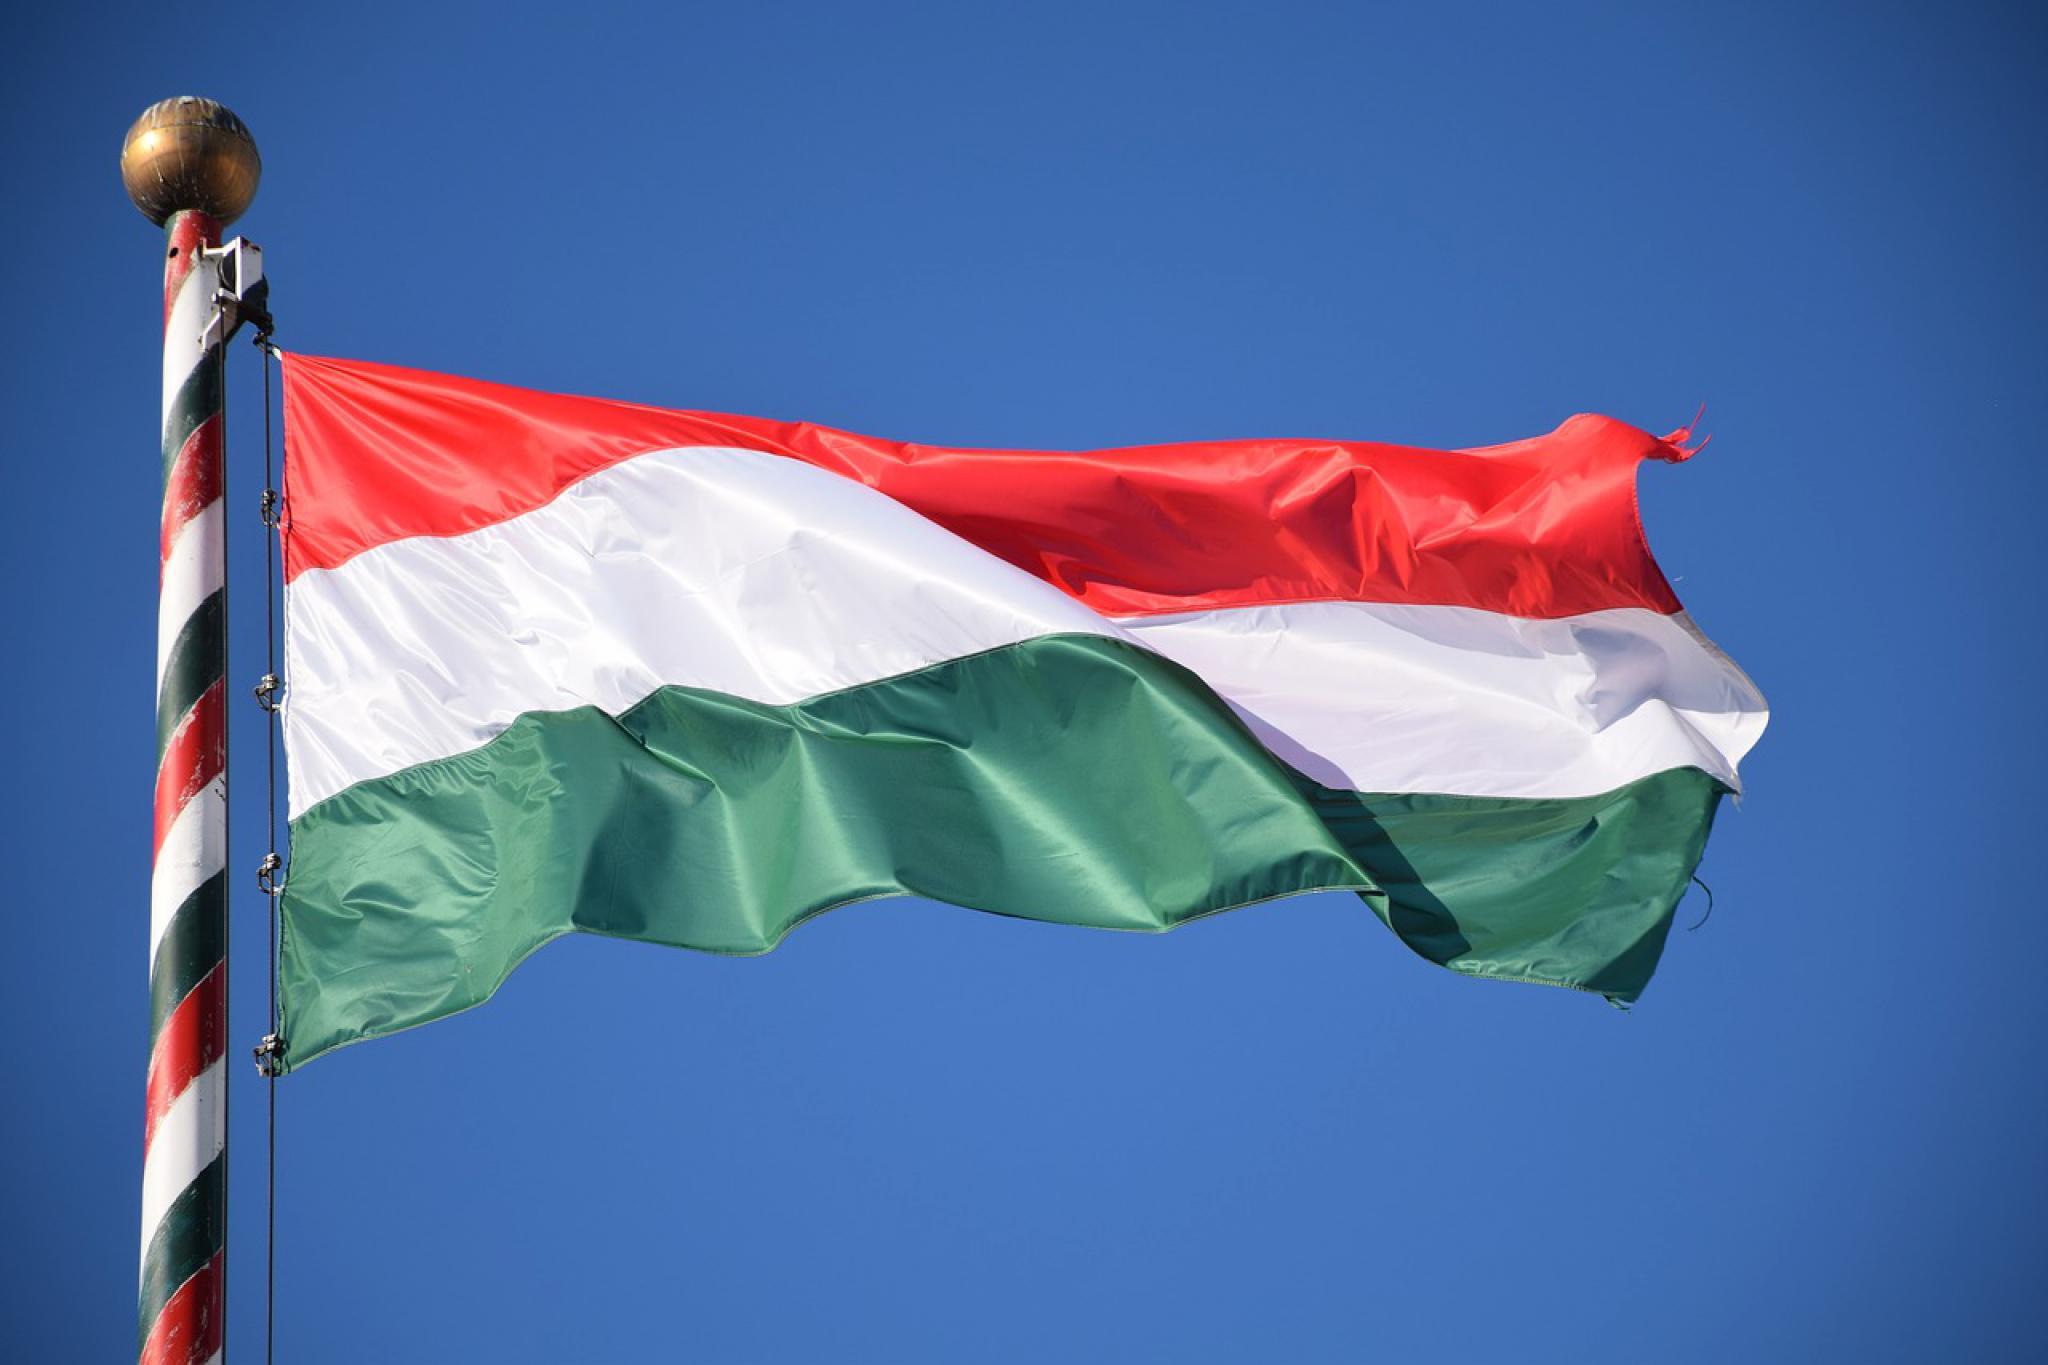 Флаг Венгрии / hungary flag